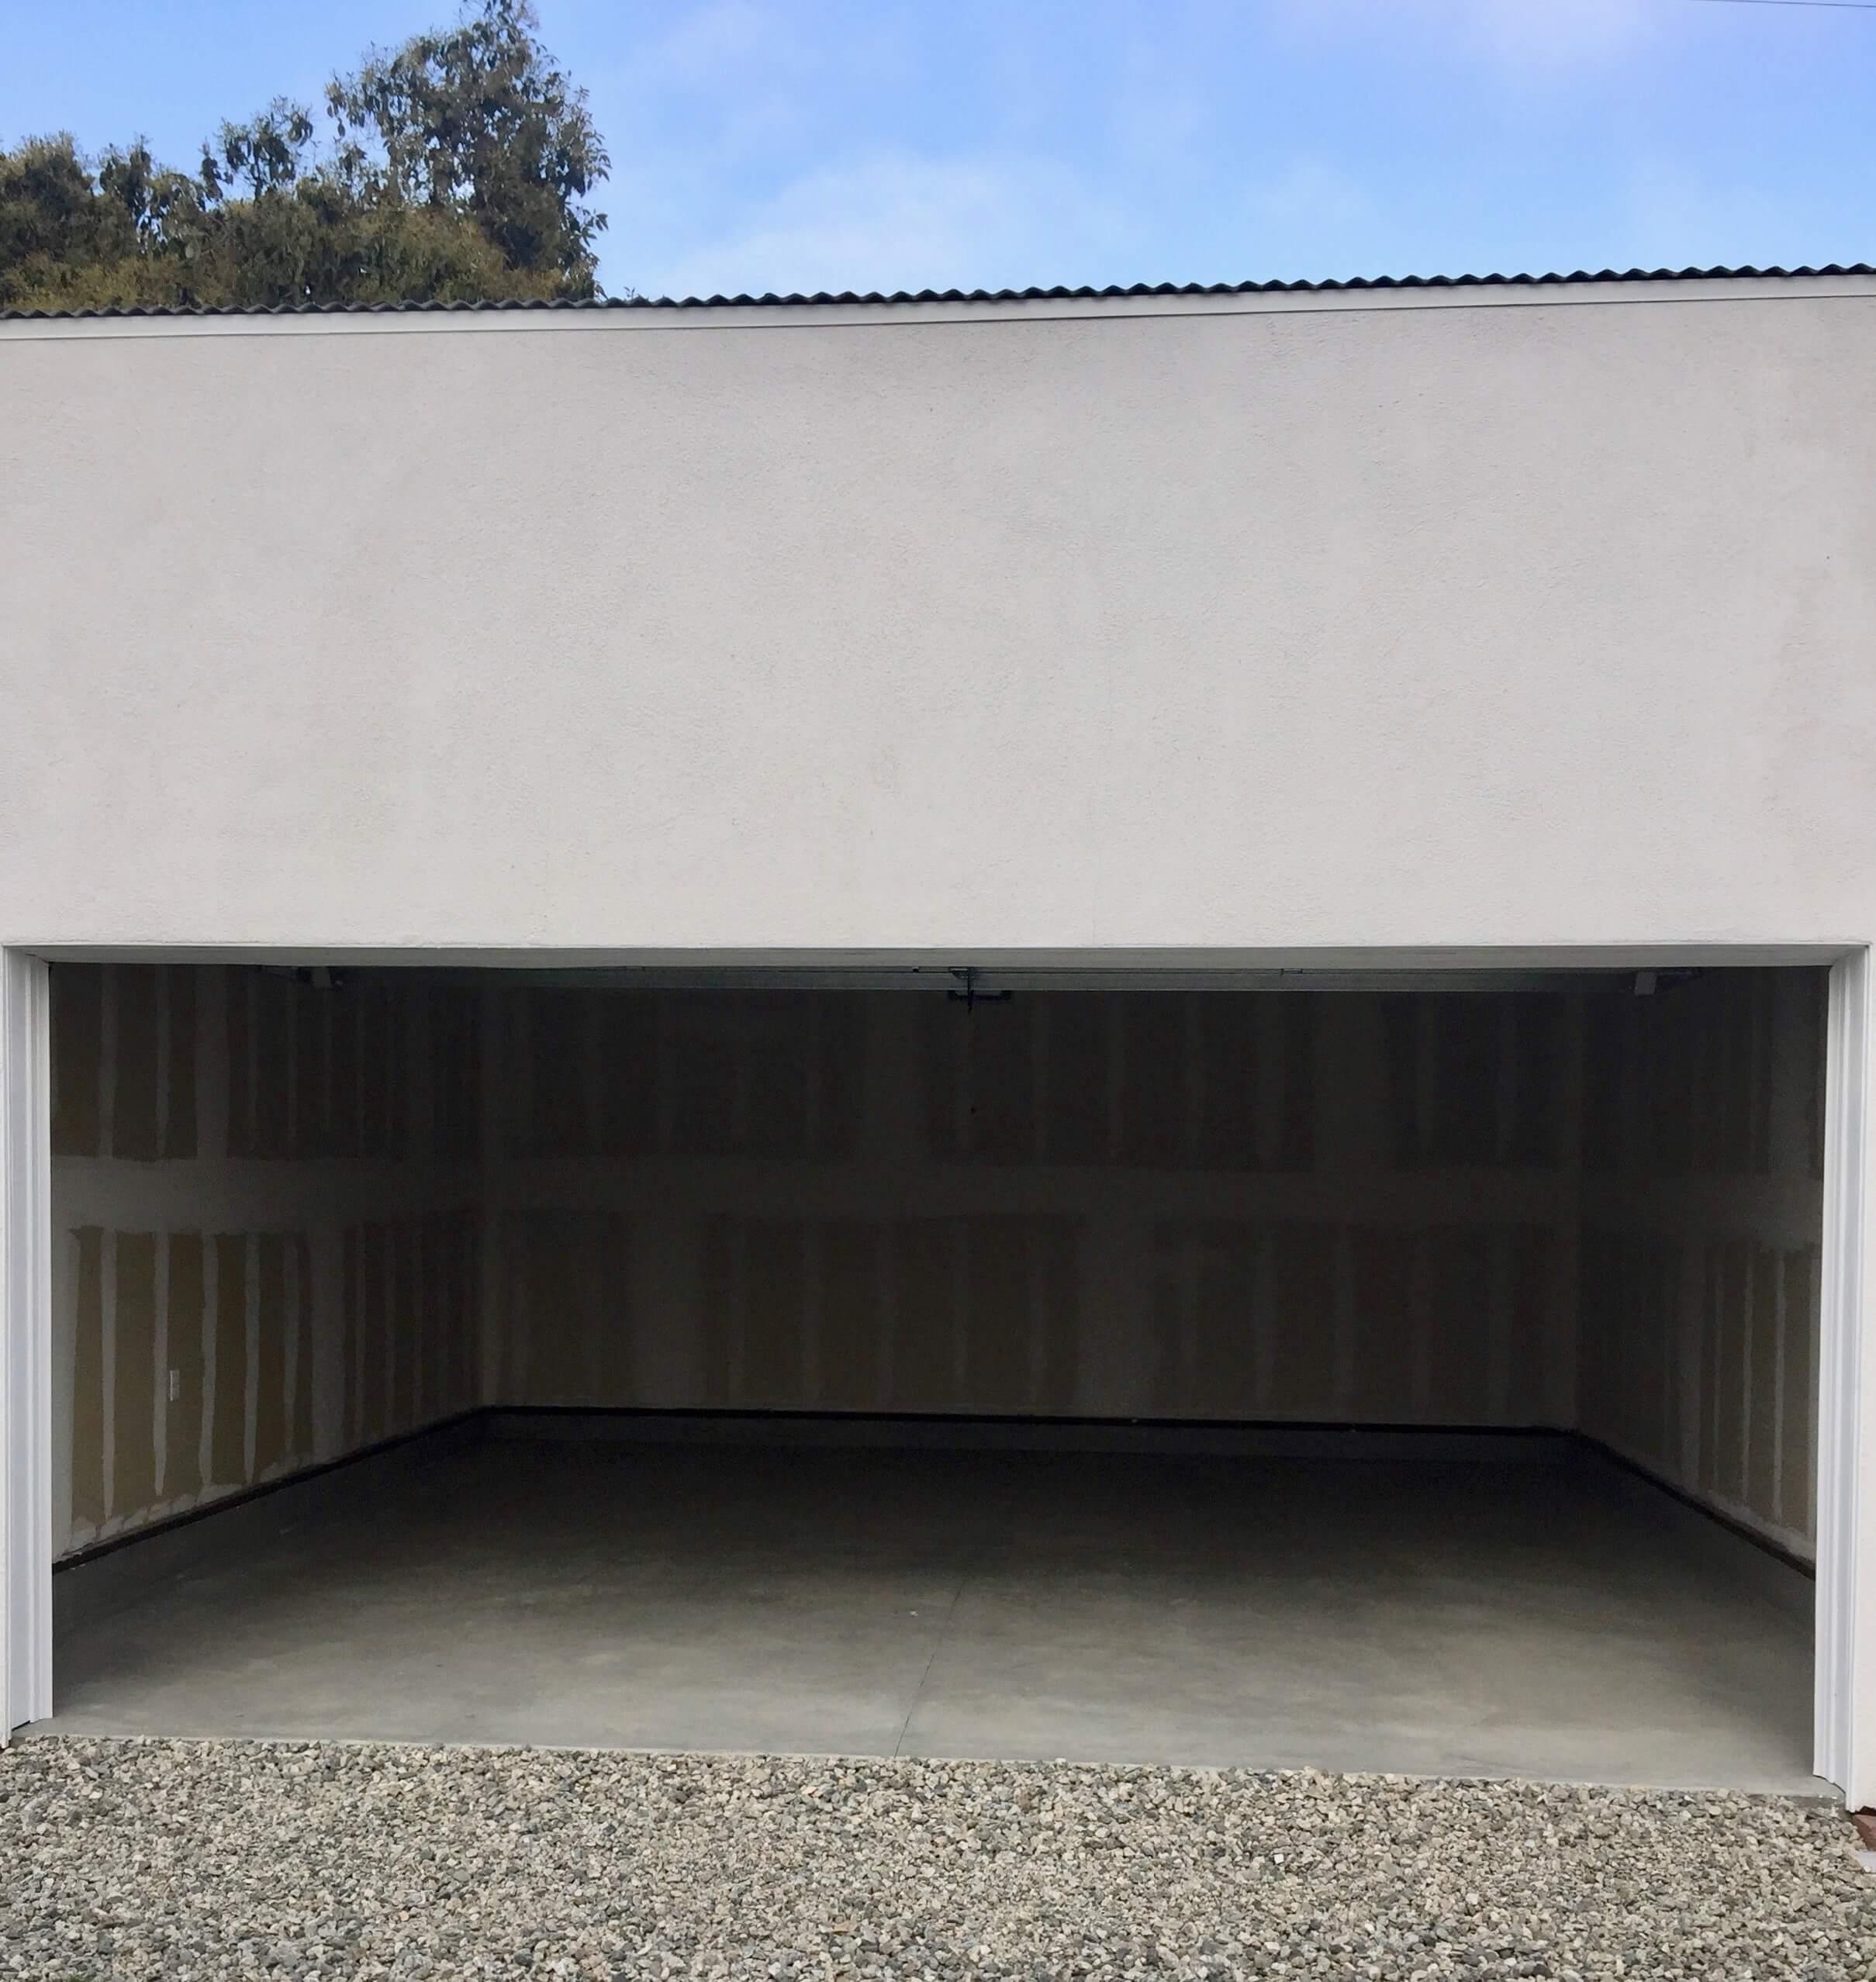 9b AMRON new garage construction open door 2